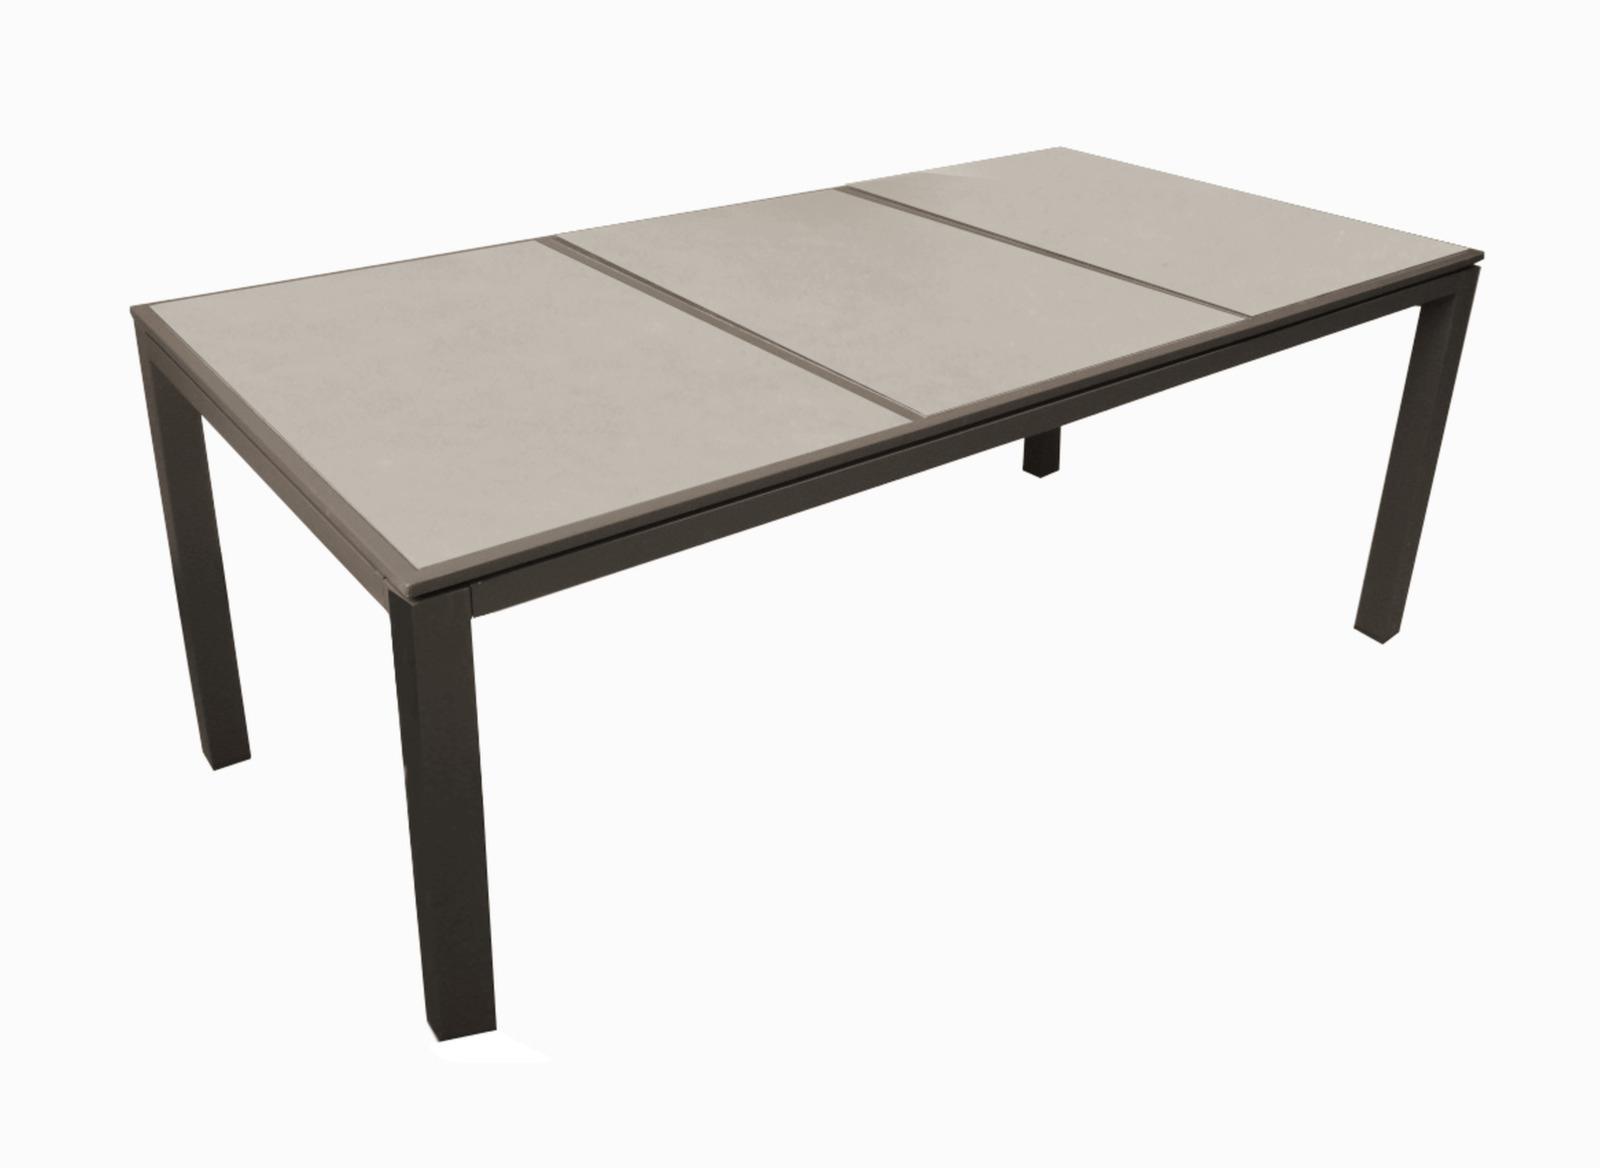 Table Romane 188 Cm, Plateau Céramique encequiconcerne Table Céramique Jardin